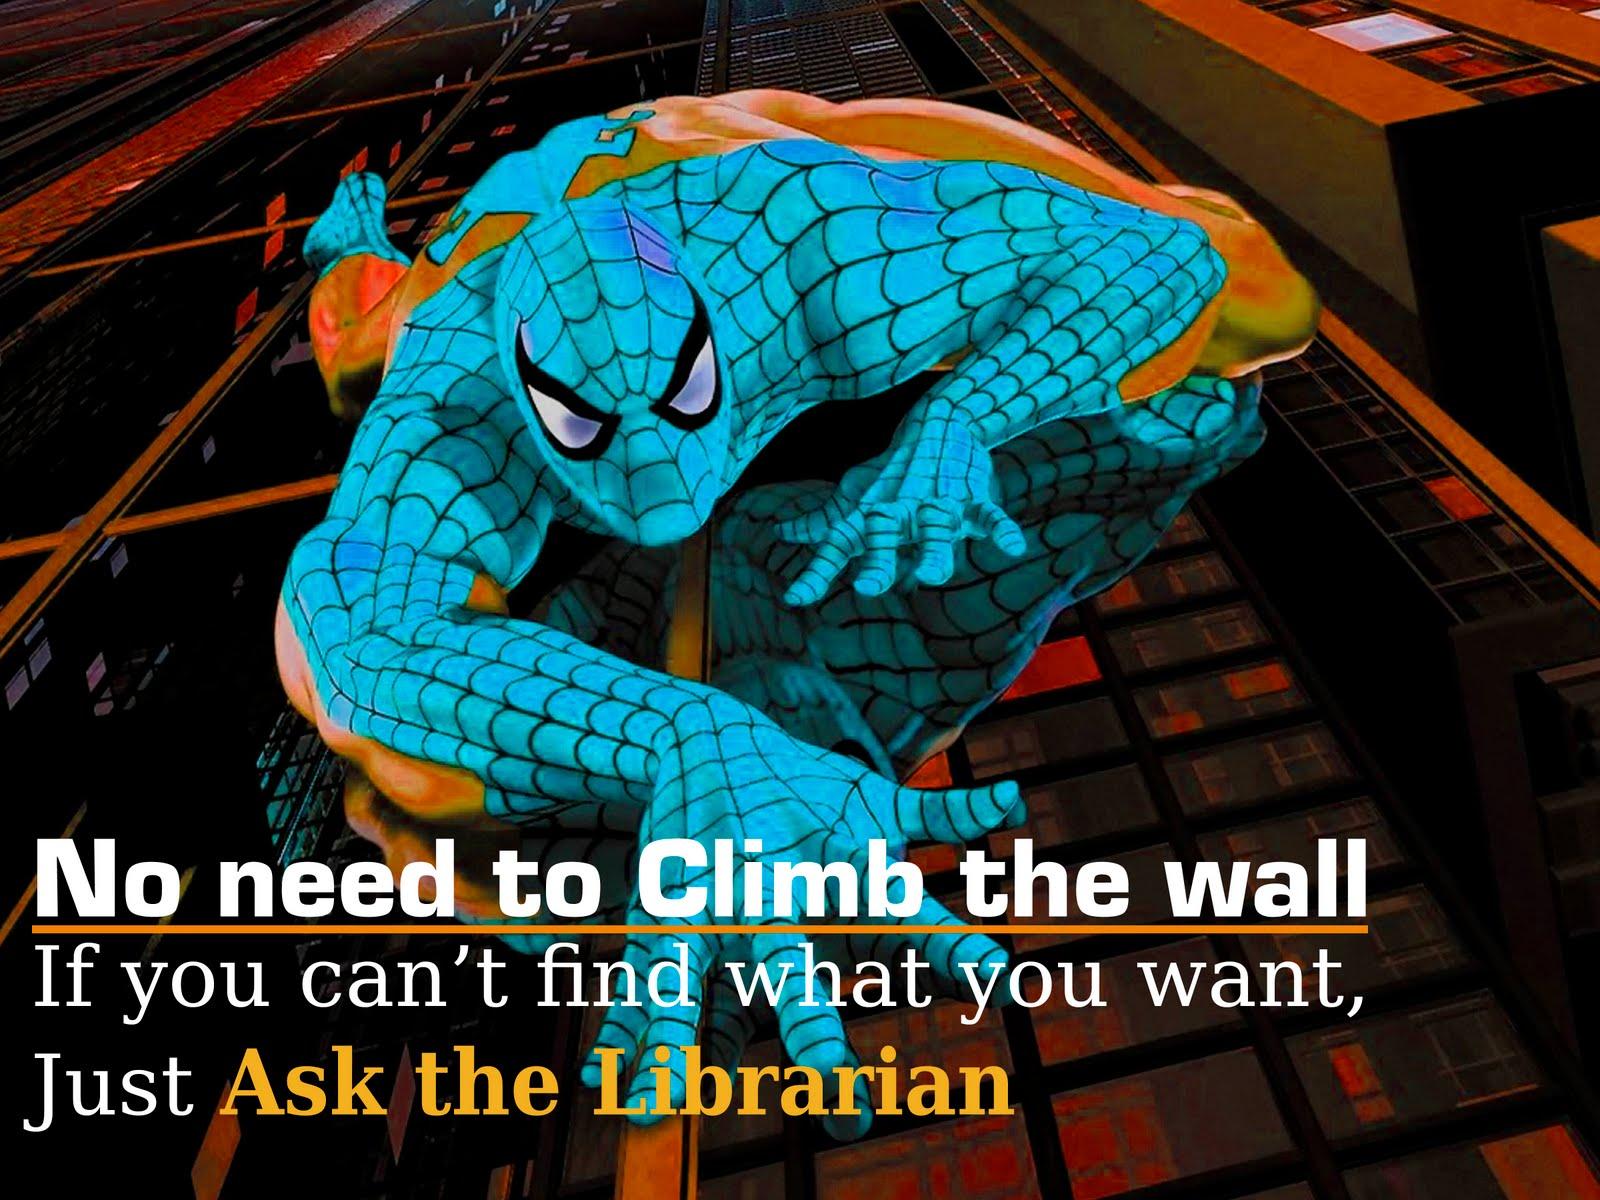 http://1.bp.blogspot.com/_q6mdn6xS5qs/TD_iB6wA6JI/AAAAAAAAAGk/7fLUPpDb-pk/s1600/climb+the+wall.jpg